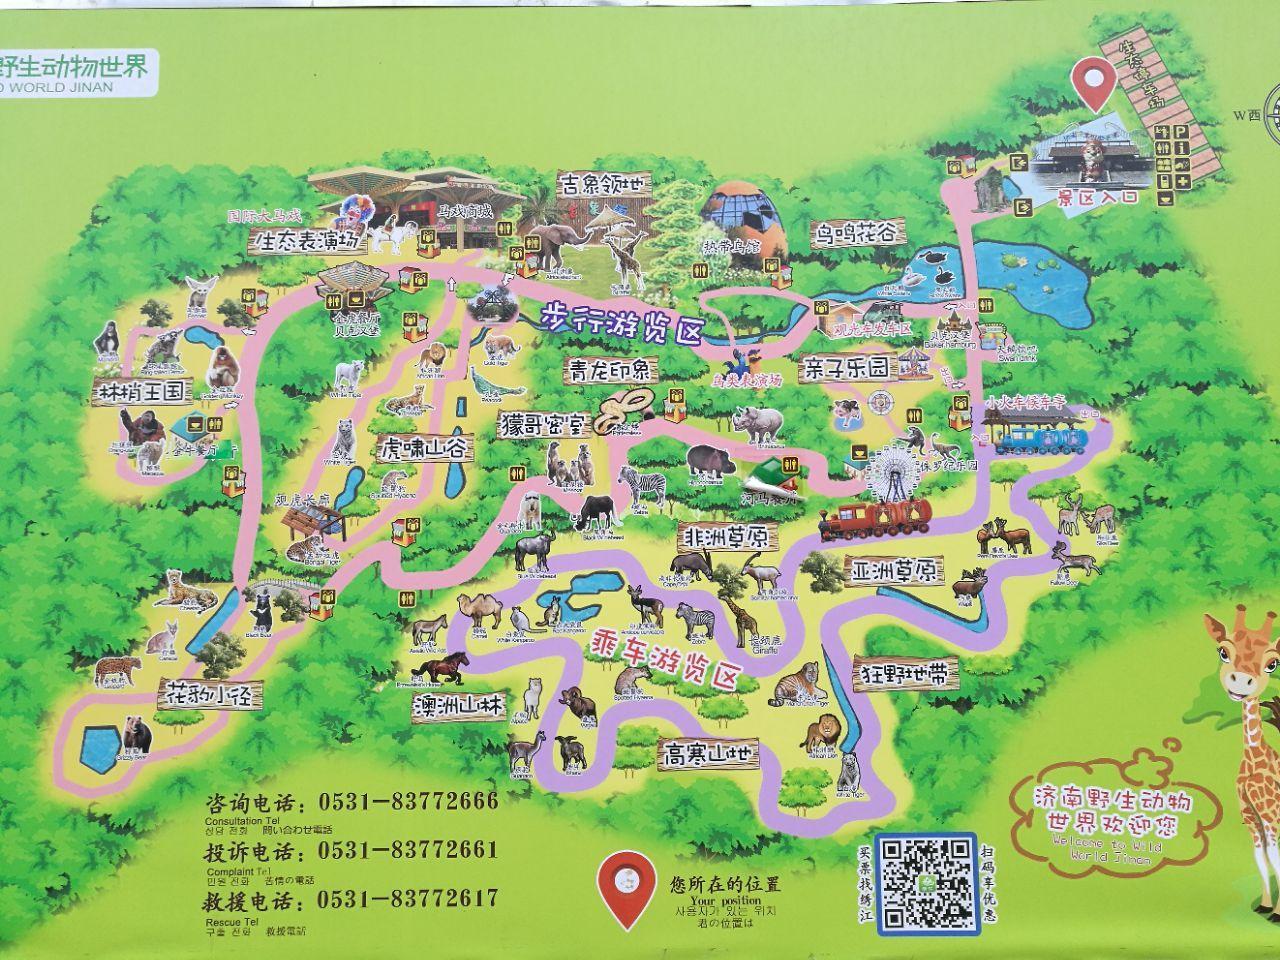 山東濟南五峰山高爾夫旅游景區介紹(附圖)